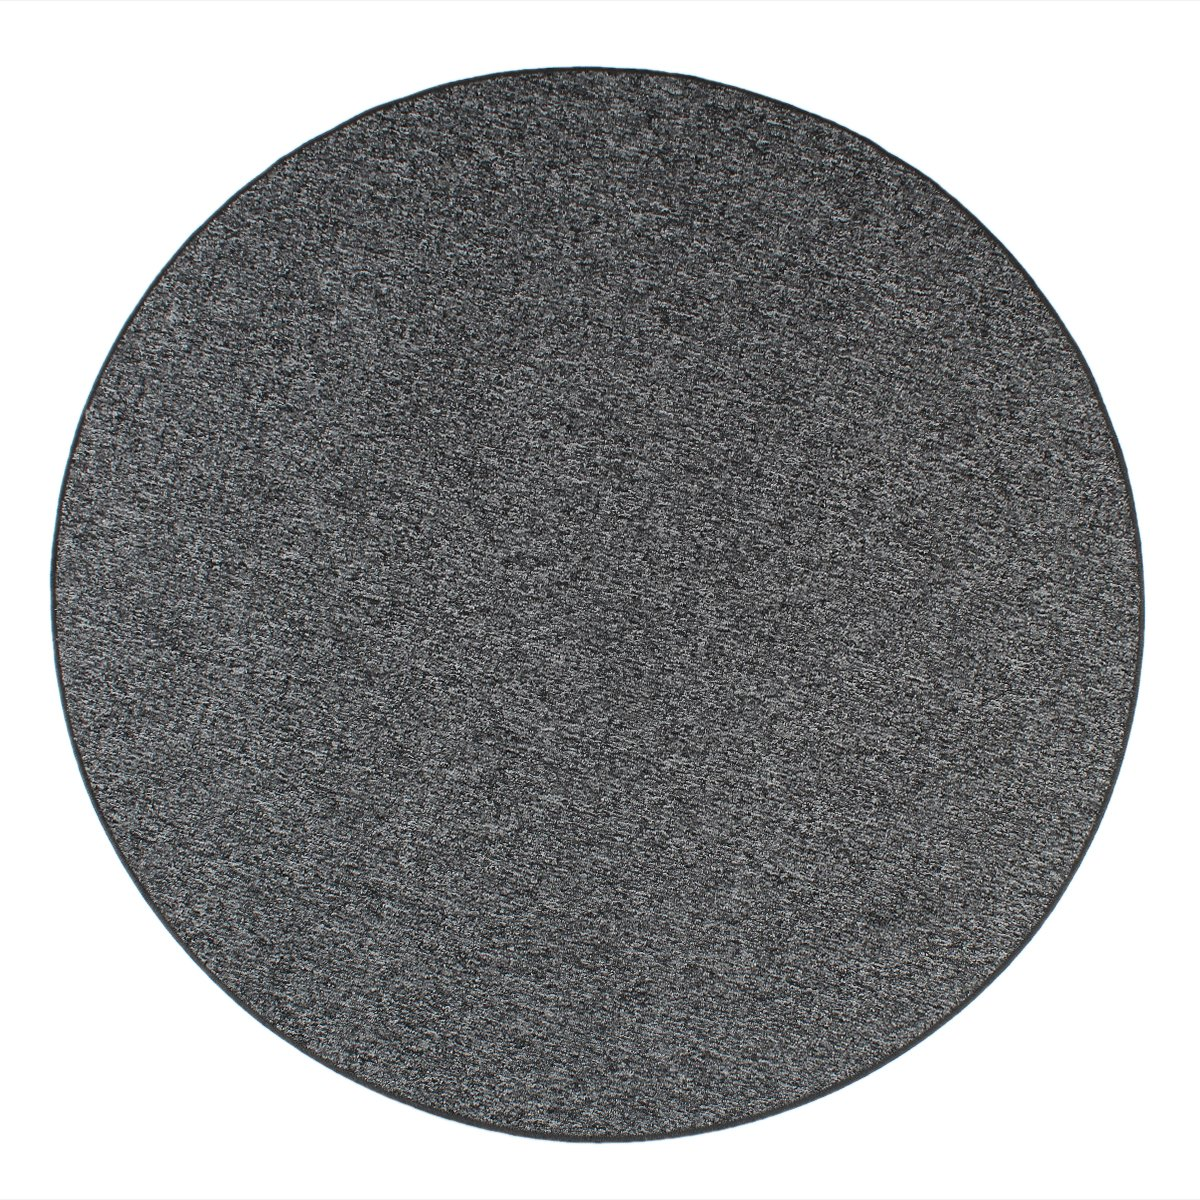 Havatex Schlingen Teppich Snake rund - Farbe wählbar   Geprüfte Qualität  schadstoffgeprüft robust und pflegeleicht   für Wohnzimmer Schlafzimmer Büro, Farbe Anthrazit, Größe 180 cm rund